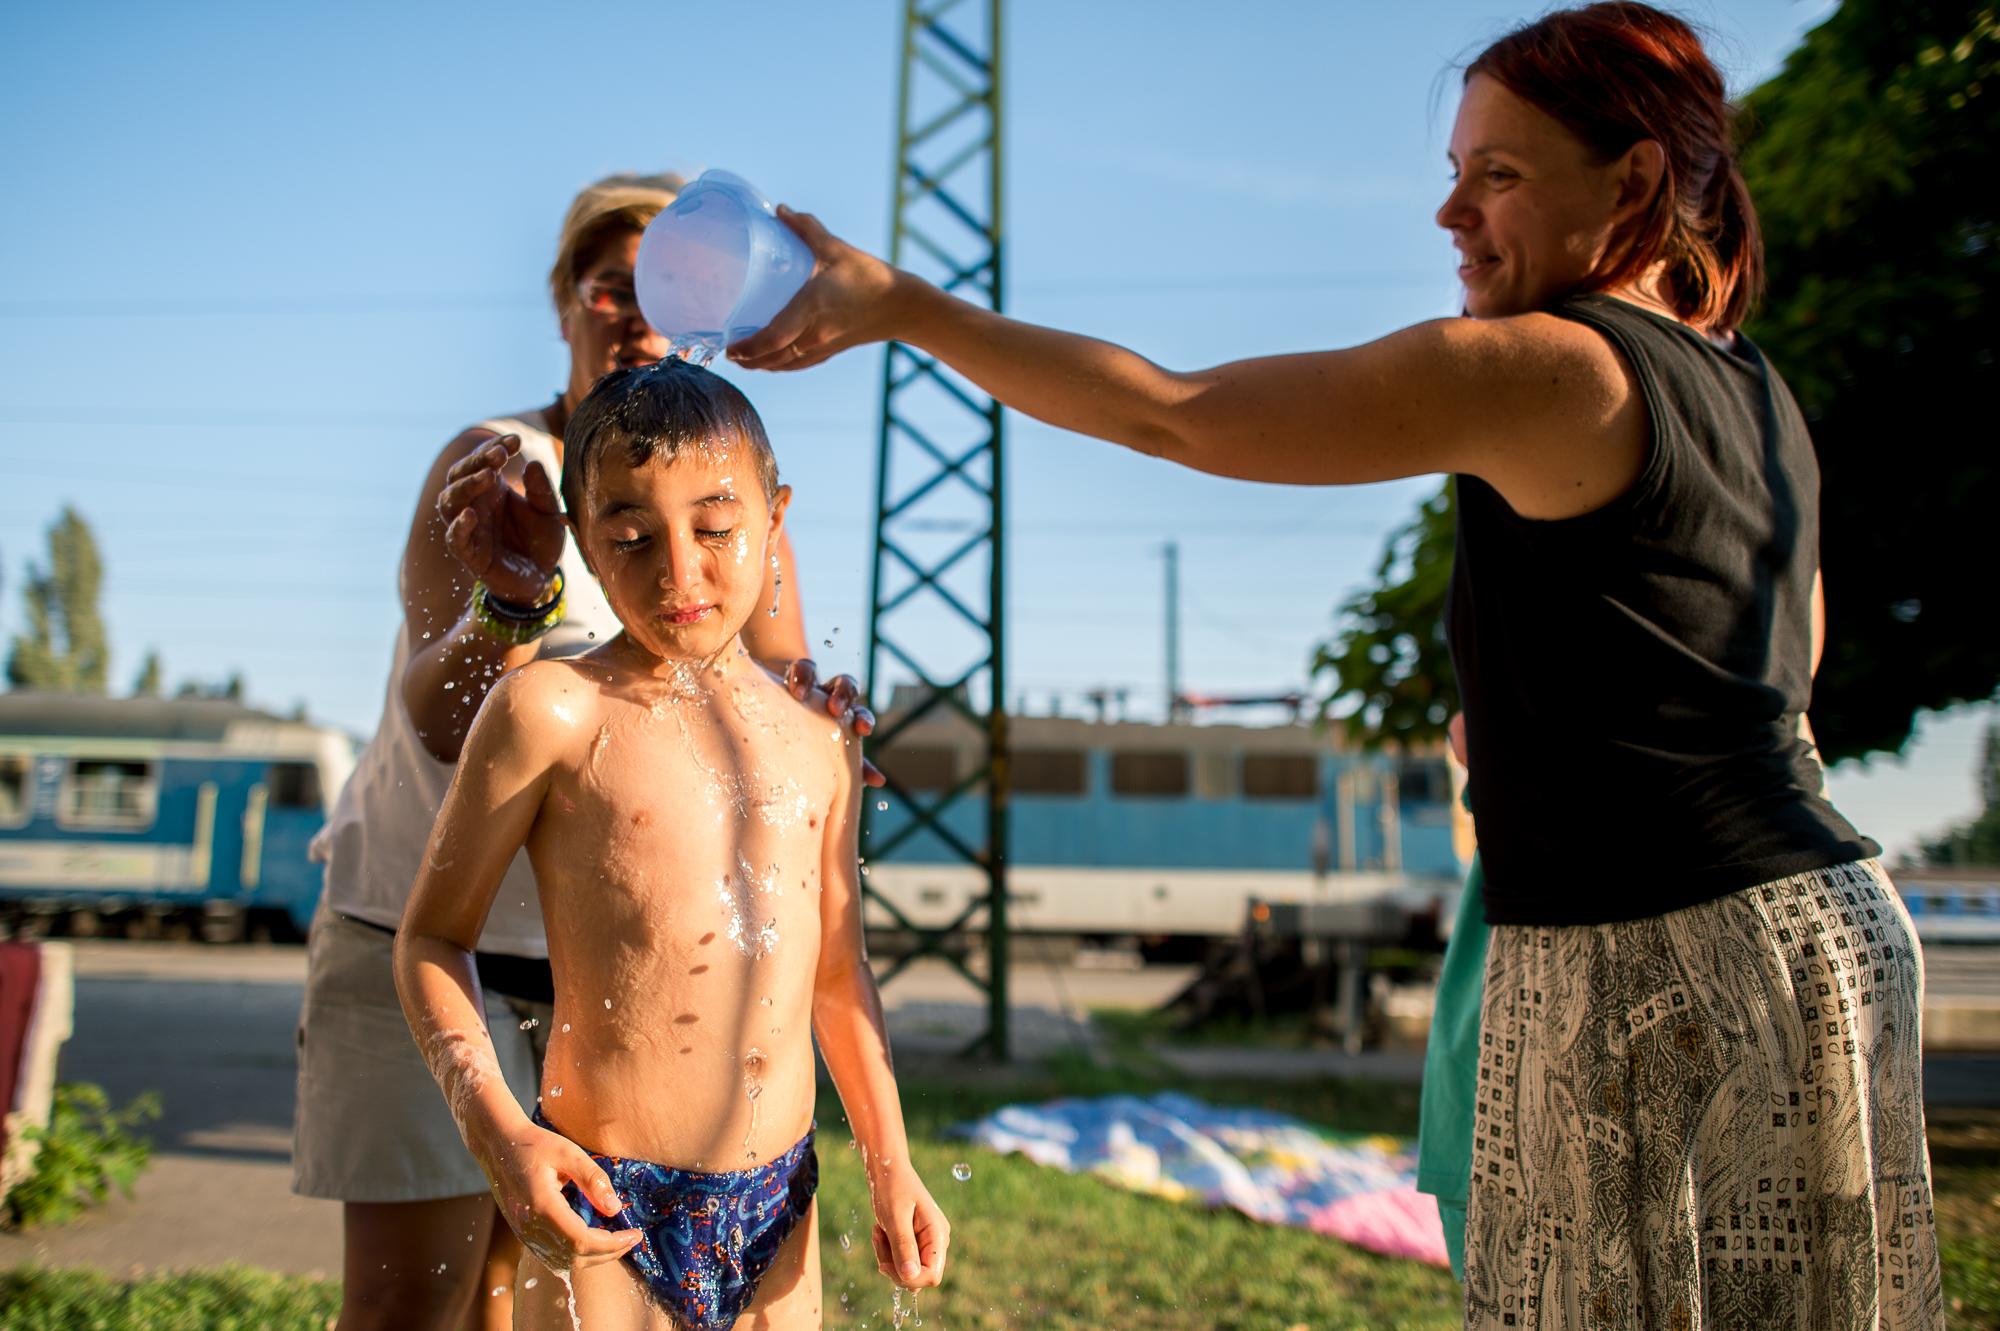 Egy menekült kisfiút fürdetnek önkéntesek a civilek által működő várakozó helyen a pécsi vasútállomás mellett 2015. augusztus 31-én.